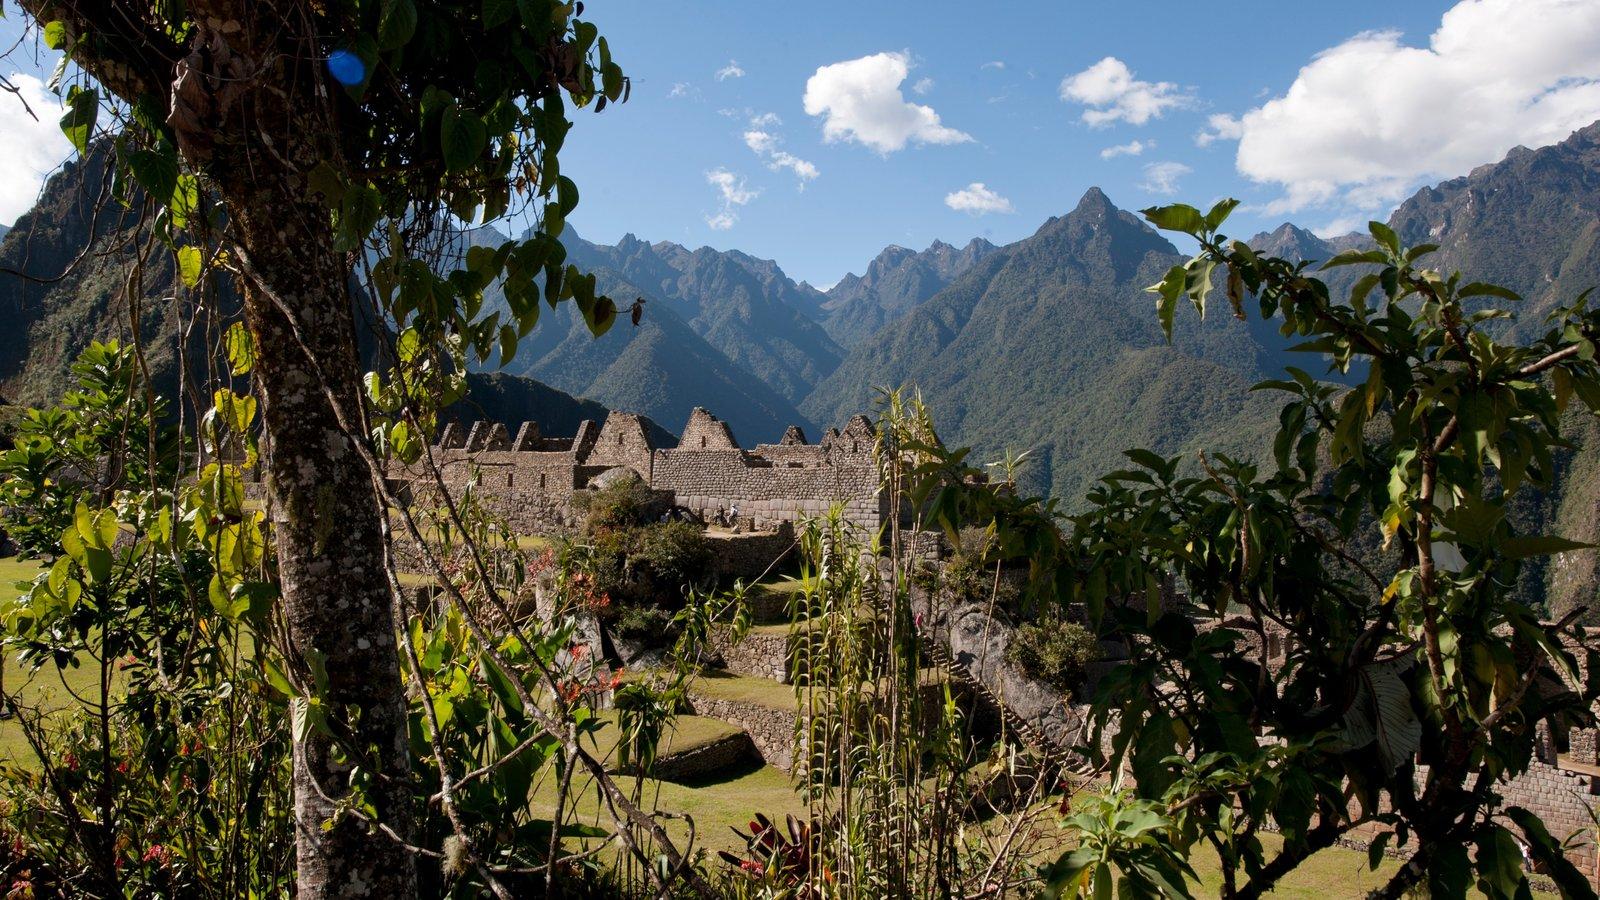 Huayna Picchu mostrando elementos de patrimônio, paisagem e montanhas